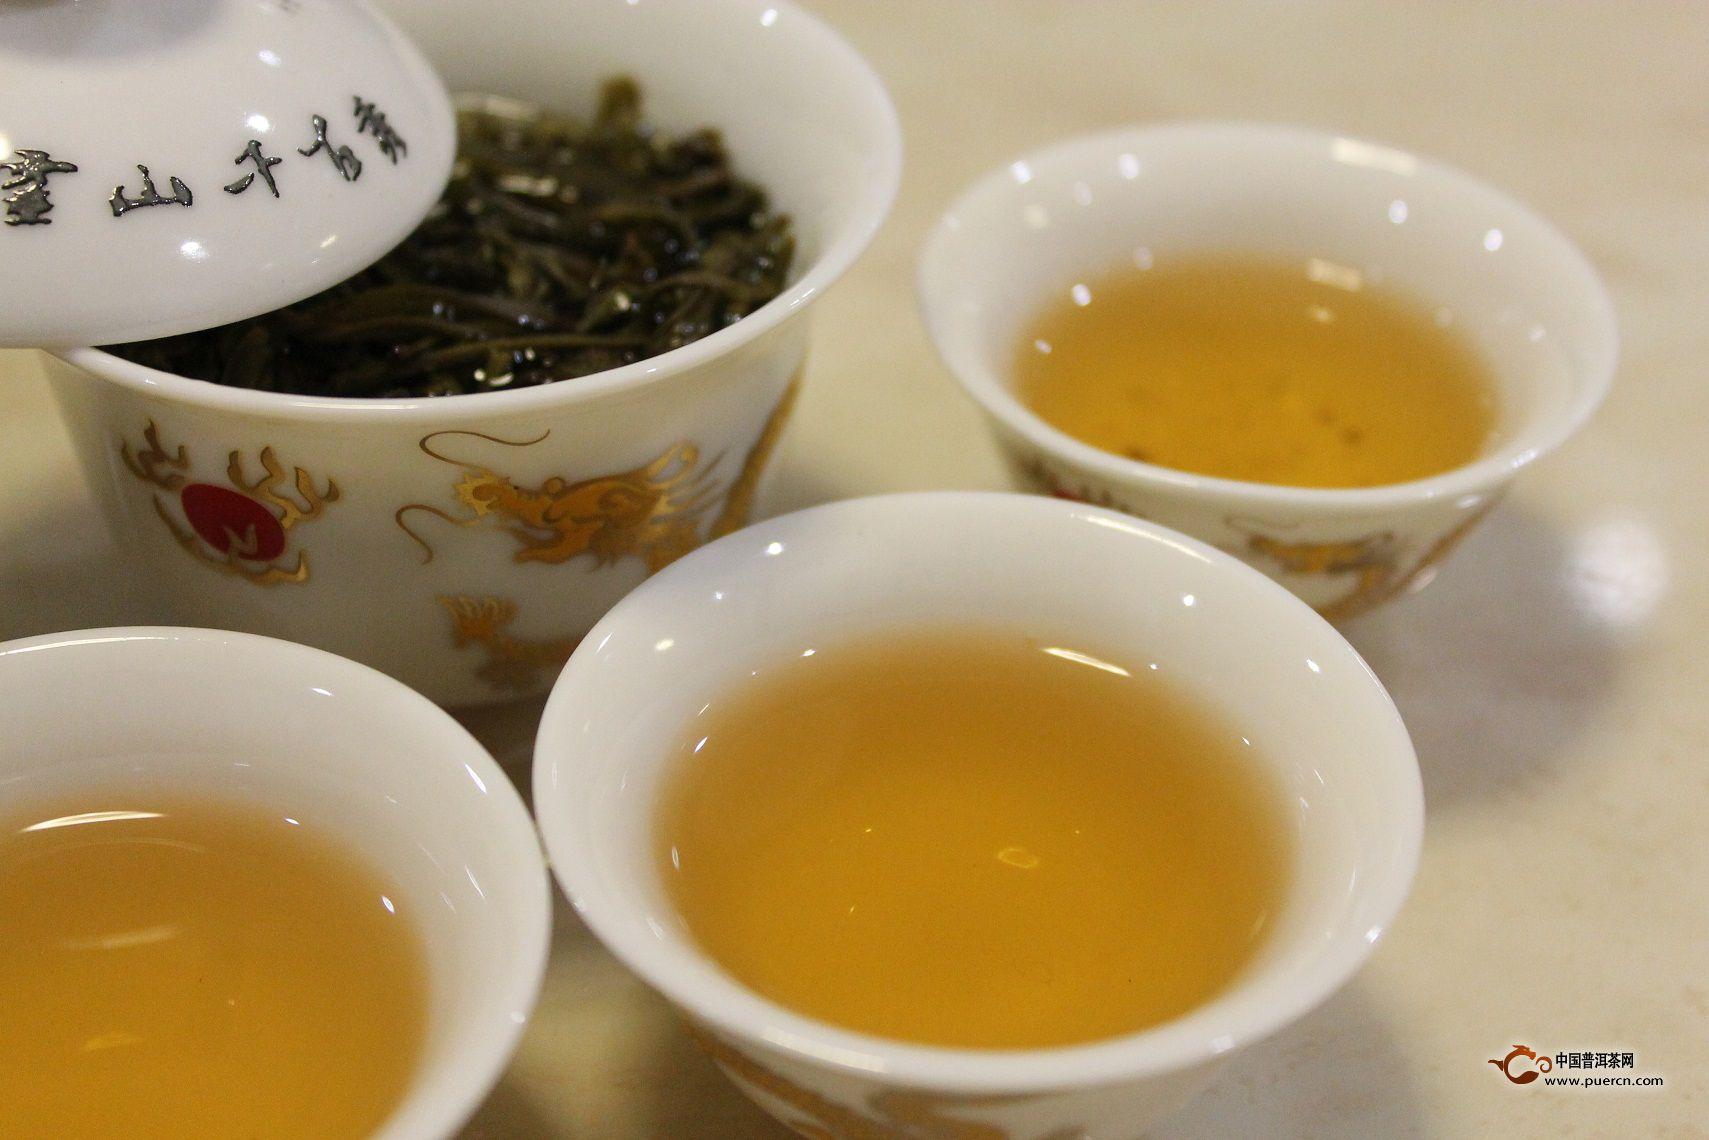 响茶叶茶汤颜色及口感的因素